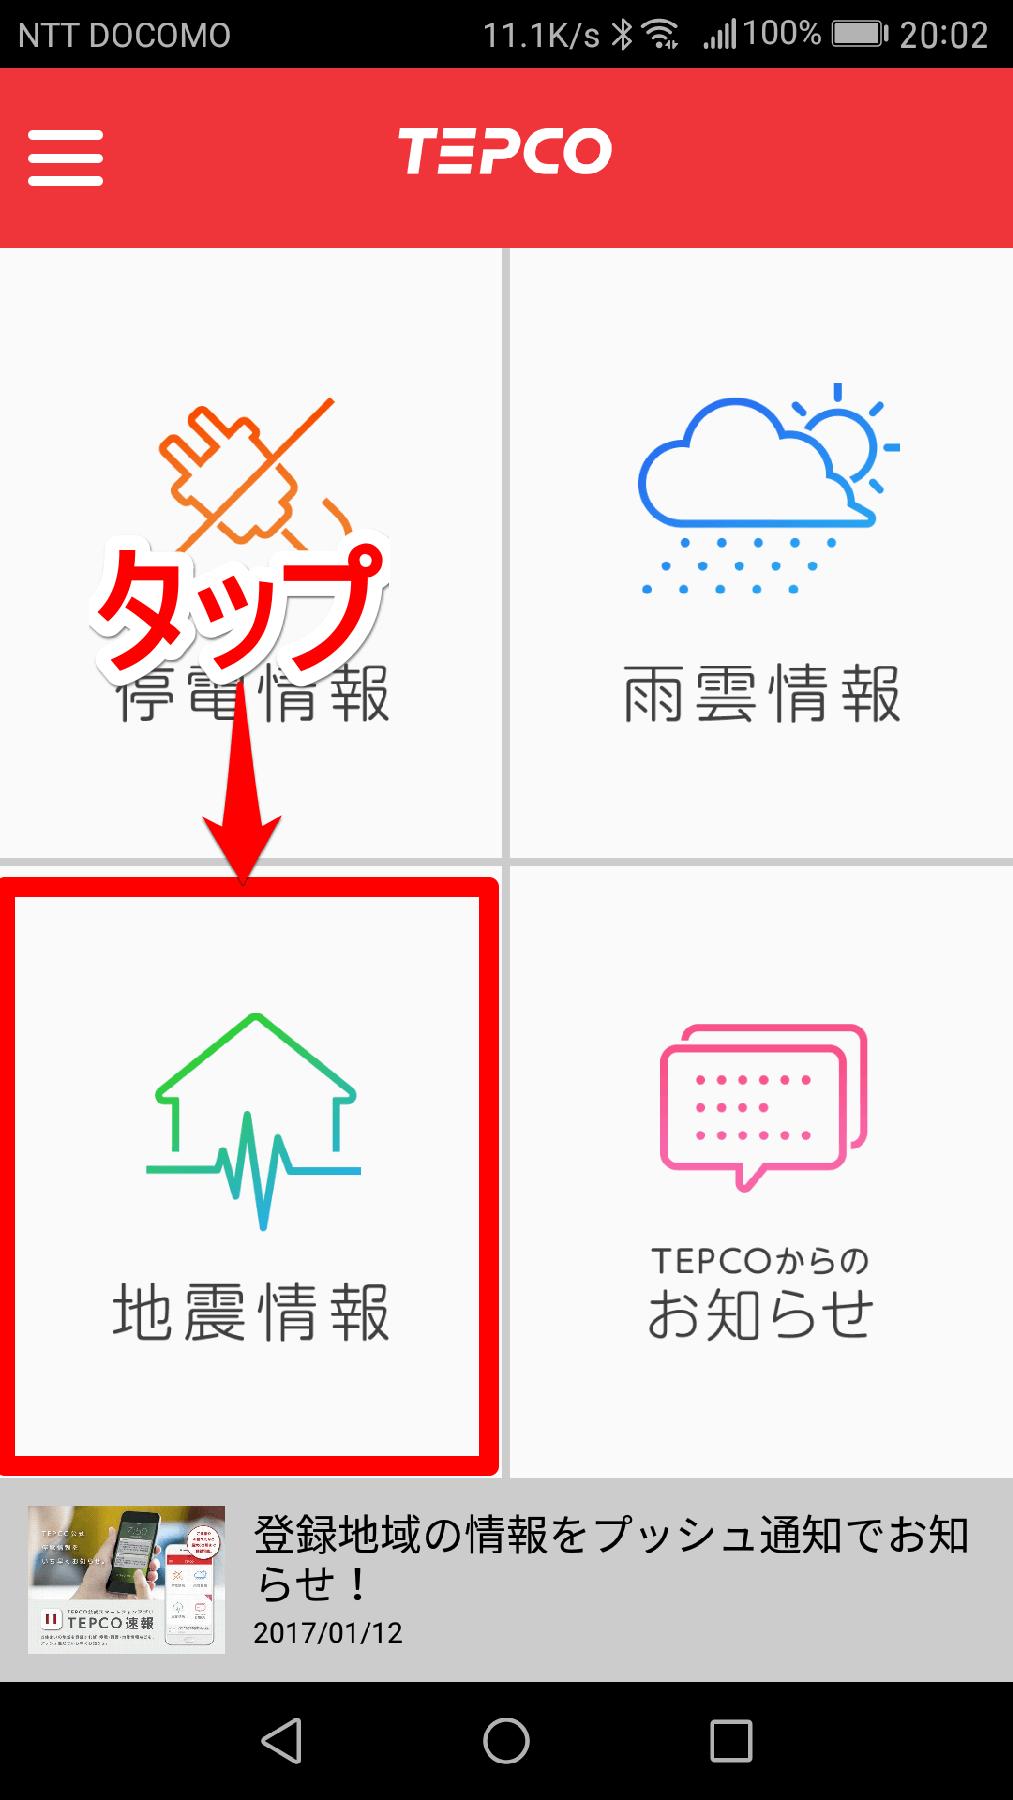 [TEPCO速報]アプリのトップ画面([自身情報]をタップするところ